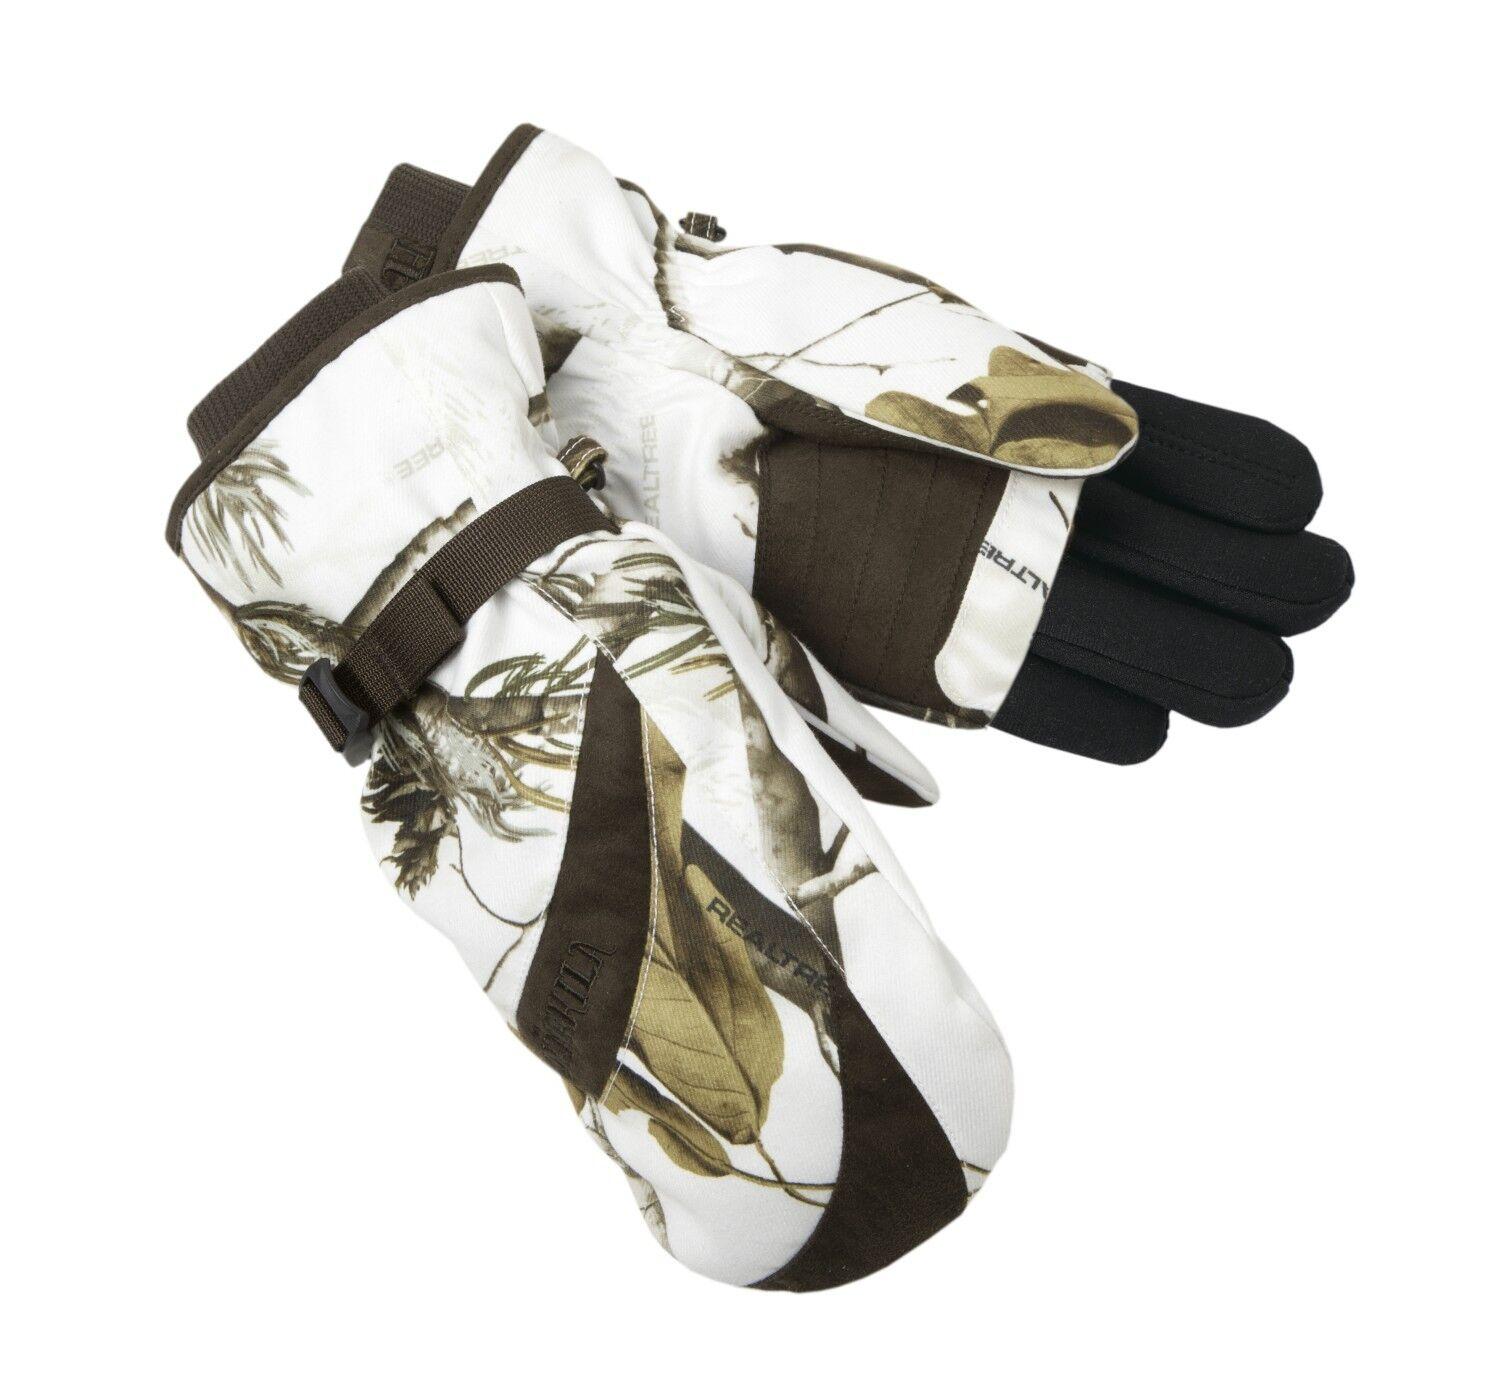 Härkila-wärmefäustlinge Kiruna 2 en 1 primaloft + neopreno-interior mano zapato